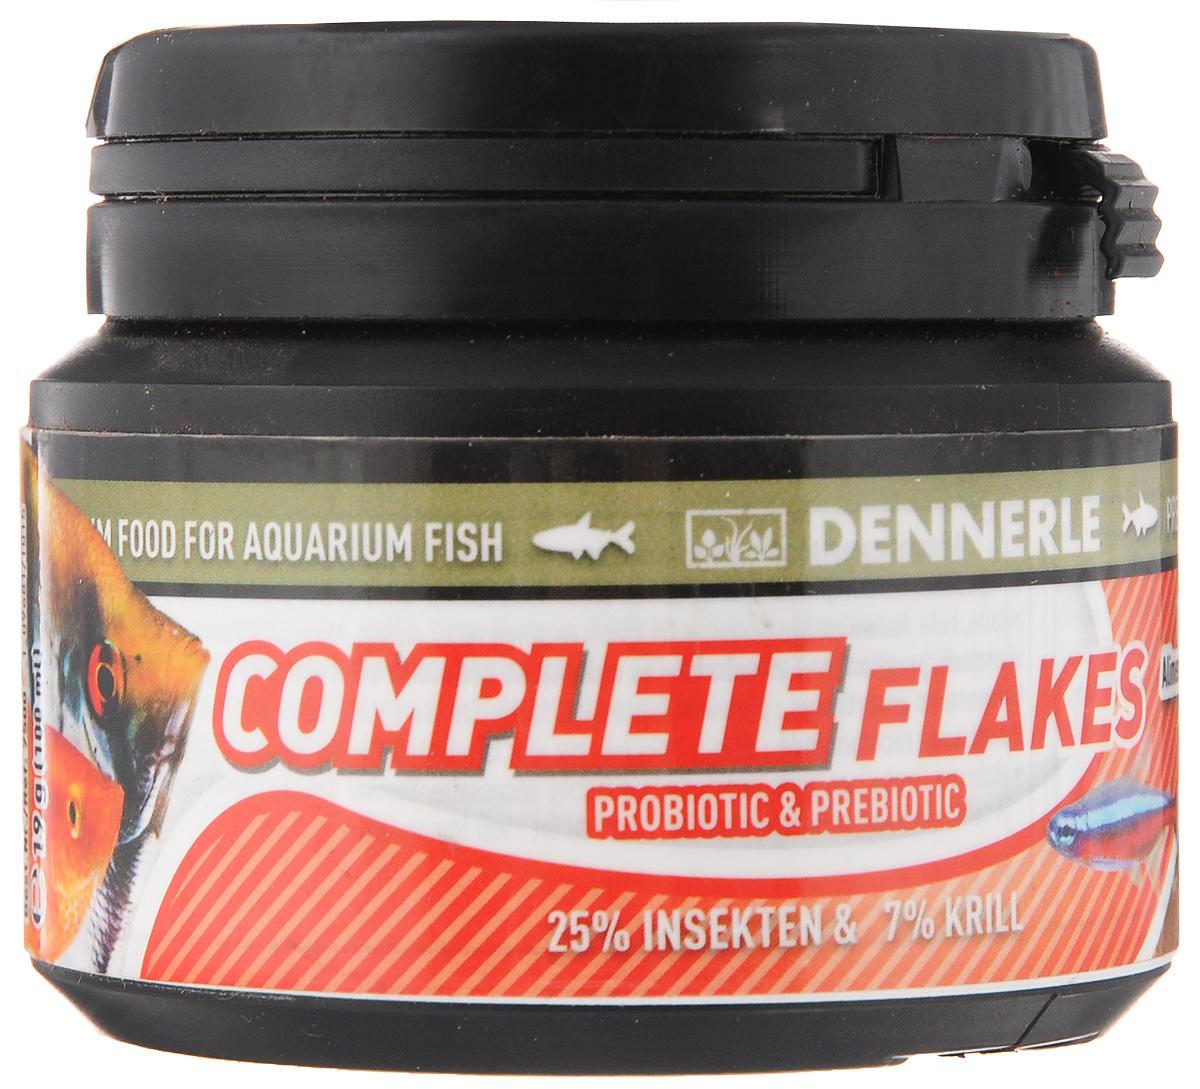 Корм Dennerle Complete Flakes, для аквариумных рыб, 19 гDEN7500Корм Dennerle Complete Flakes подходит для обитателей классических общих аквариумов. Корм состоит из различных ингредиентов хорошо воспринимаемых рыбками любых размеров. Содержит до 25% вкусных личинок насекомых, до 7% богатых витаминами овощей. В состав входят листья чудесного дерева Моринга с высоким содержанием микроэлементов и витаминов.Состав: белковый экстракт из личинок Hermetia (25%), пшеничная мука, пшеничный белок, криль (7%), кальмар, шпинат, кукурузная мука, дрожжи, бетаин, омега-3 морское масло, цикория инулин, капуста, кормовой кальций, Моринга, спирулина, чеснок, бета-глюканат.Аналитические составляющие: Сырой протеин 45,2%, сырого жира 9,5%, сырой клетчатки 4,2%, зола 5,5%Товар сертифицирован.